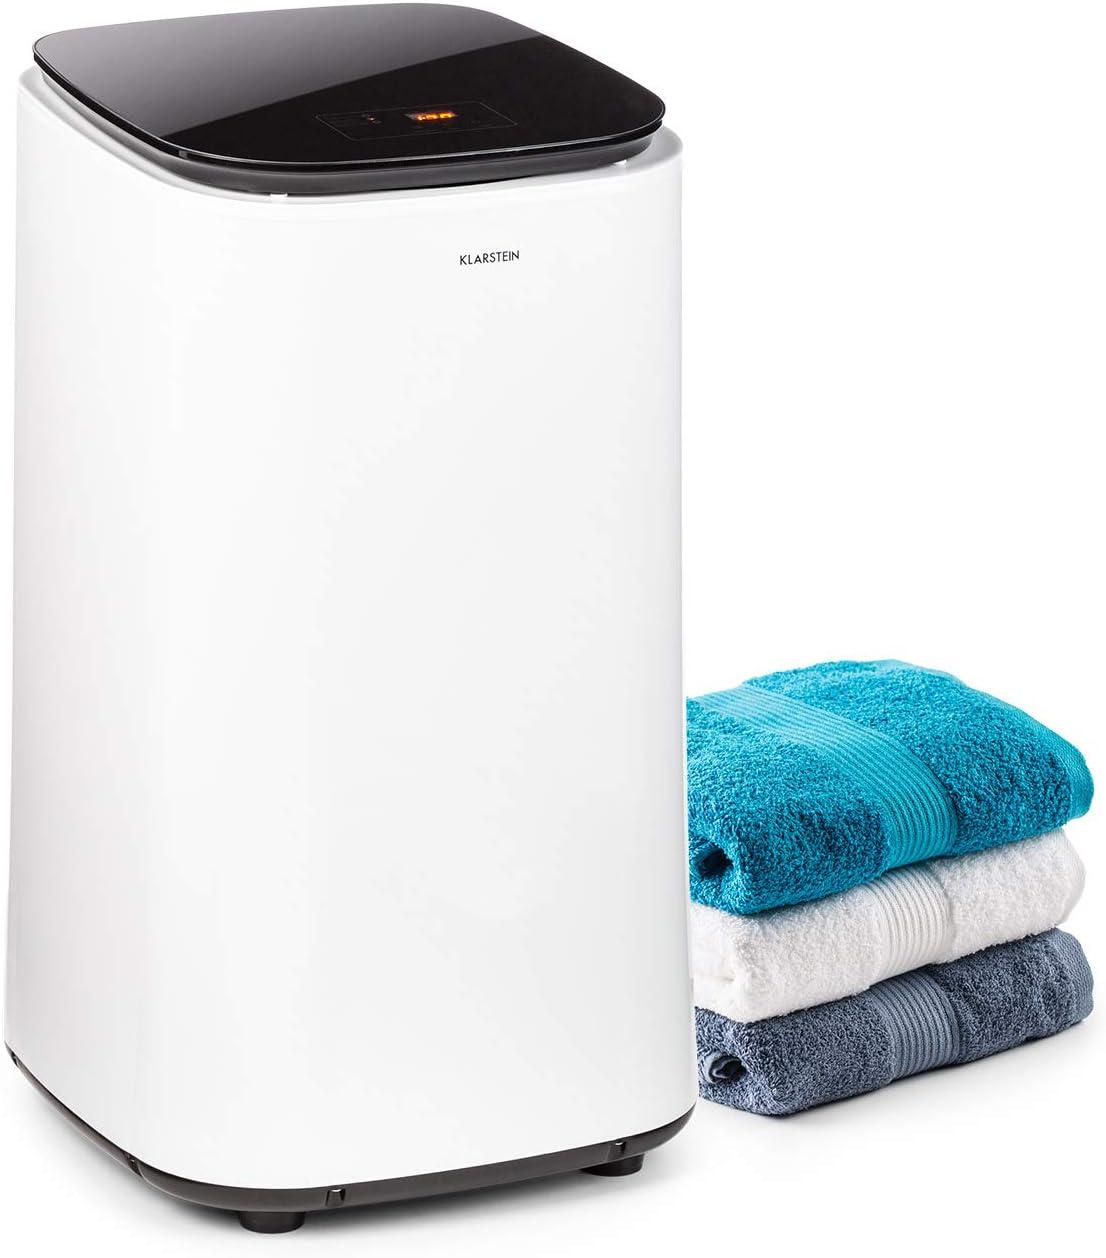 KLARSTEIN Zap Dry Secadora, 820 W, Capacidad: 50 L, diseño UniqueDry, más compacta, Tambor de Acero Inoxidable, Carcasa de plástico, Controles táctiles, Tapa de Cristal de Seguridad, Blanca/Negra